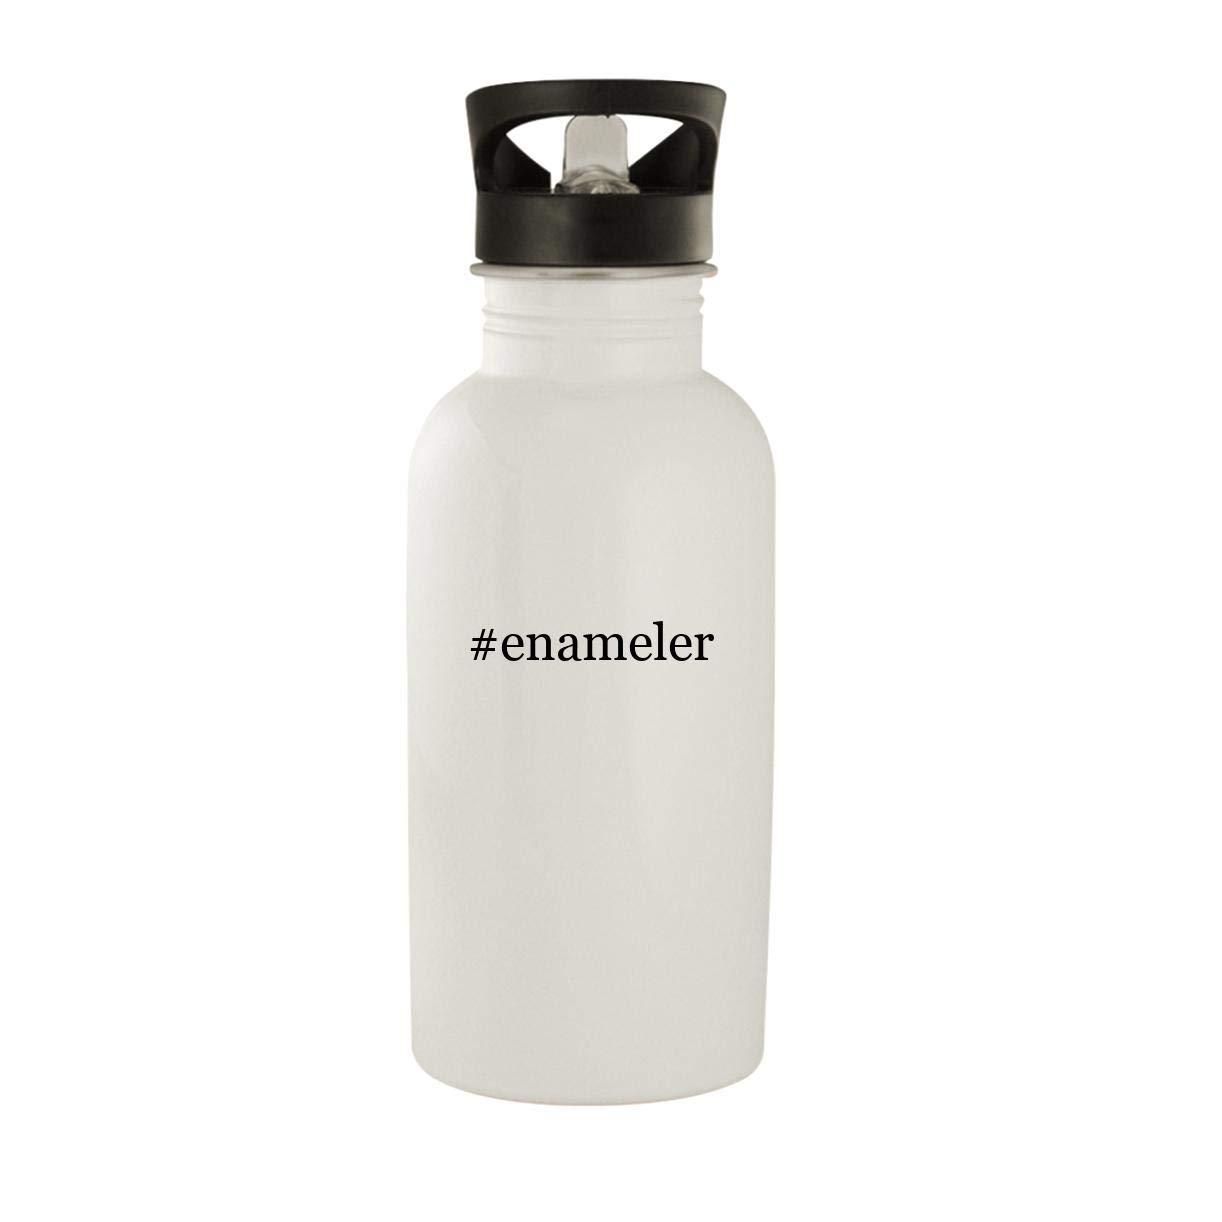 #enameler - Stainless Steel Hashtag 20oz Water Bottle, White